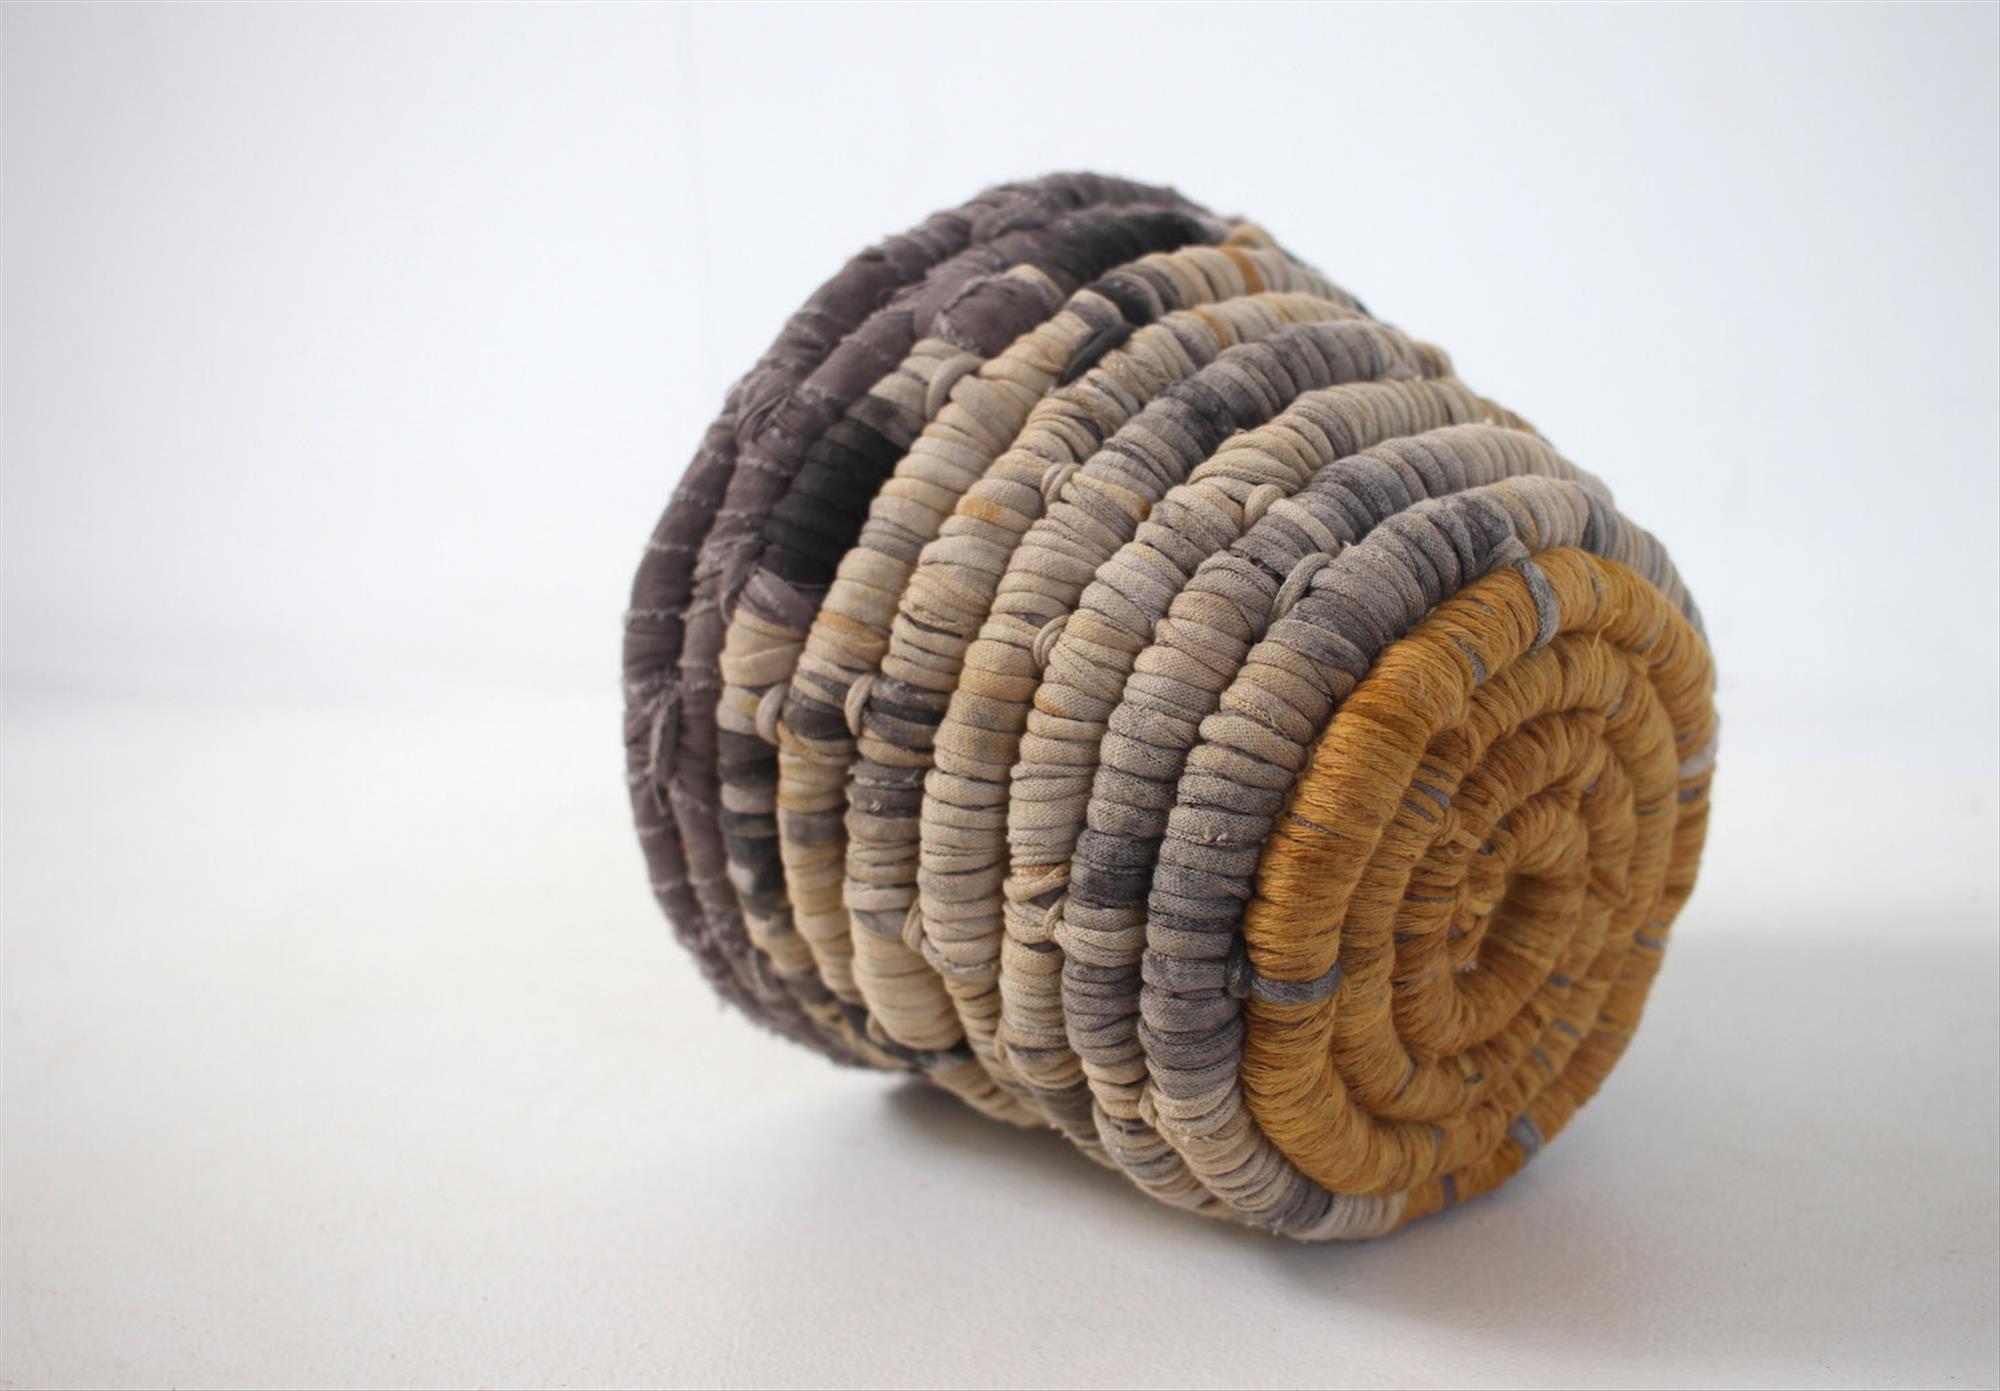 Anindilyakwa arts Fabric basket